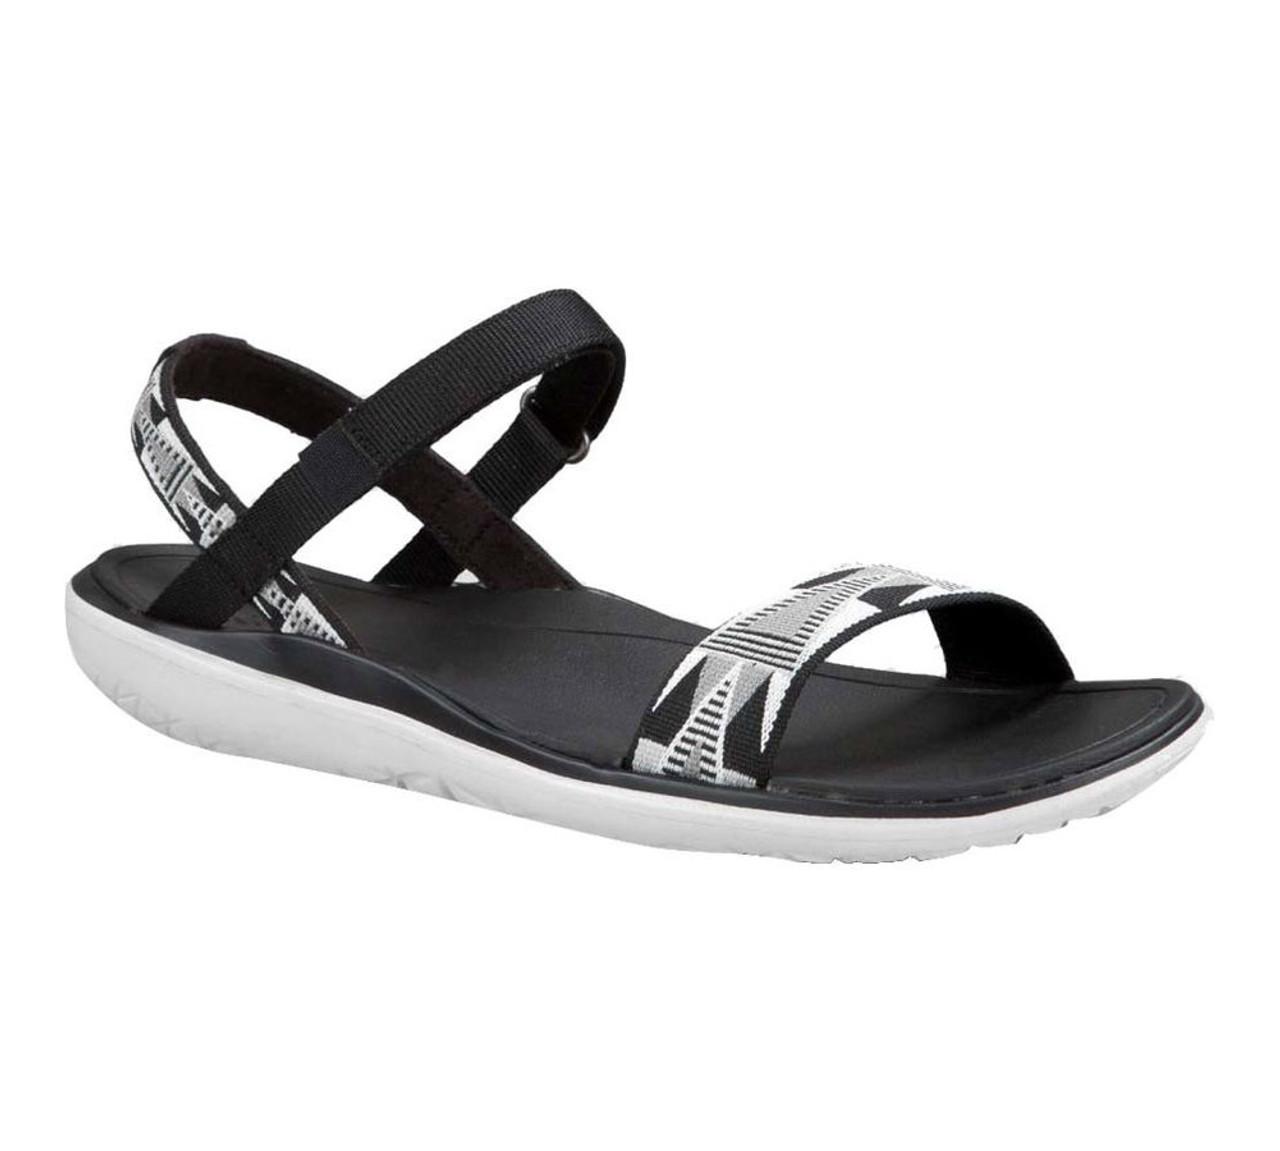 15e8b7f3e3bc Teva Women s Terra Float Nova Sandal Black - Shop now   Shoolu.com